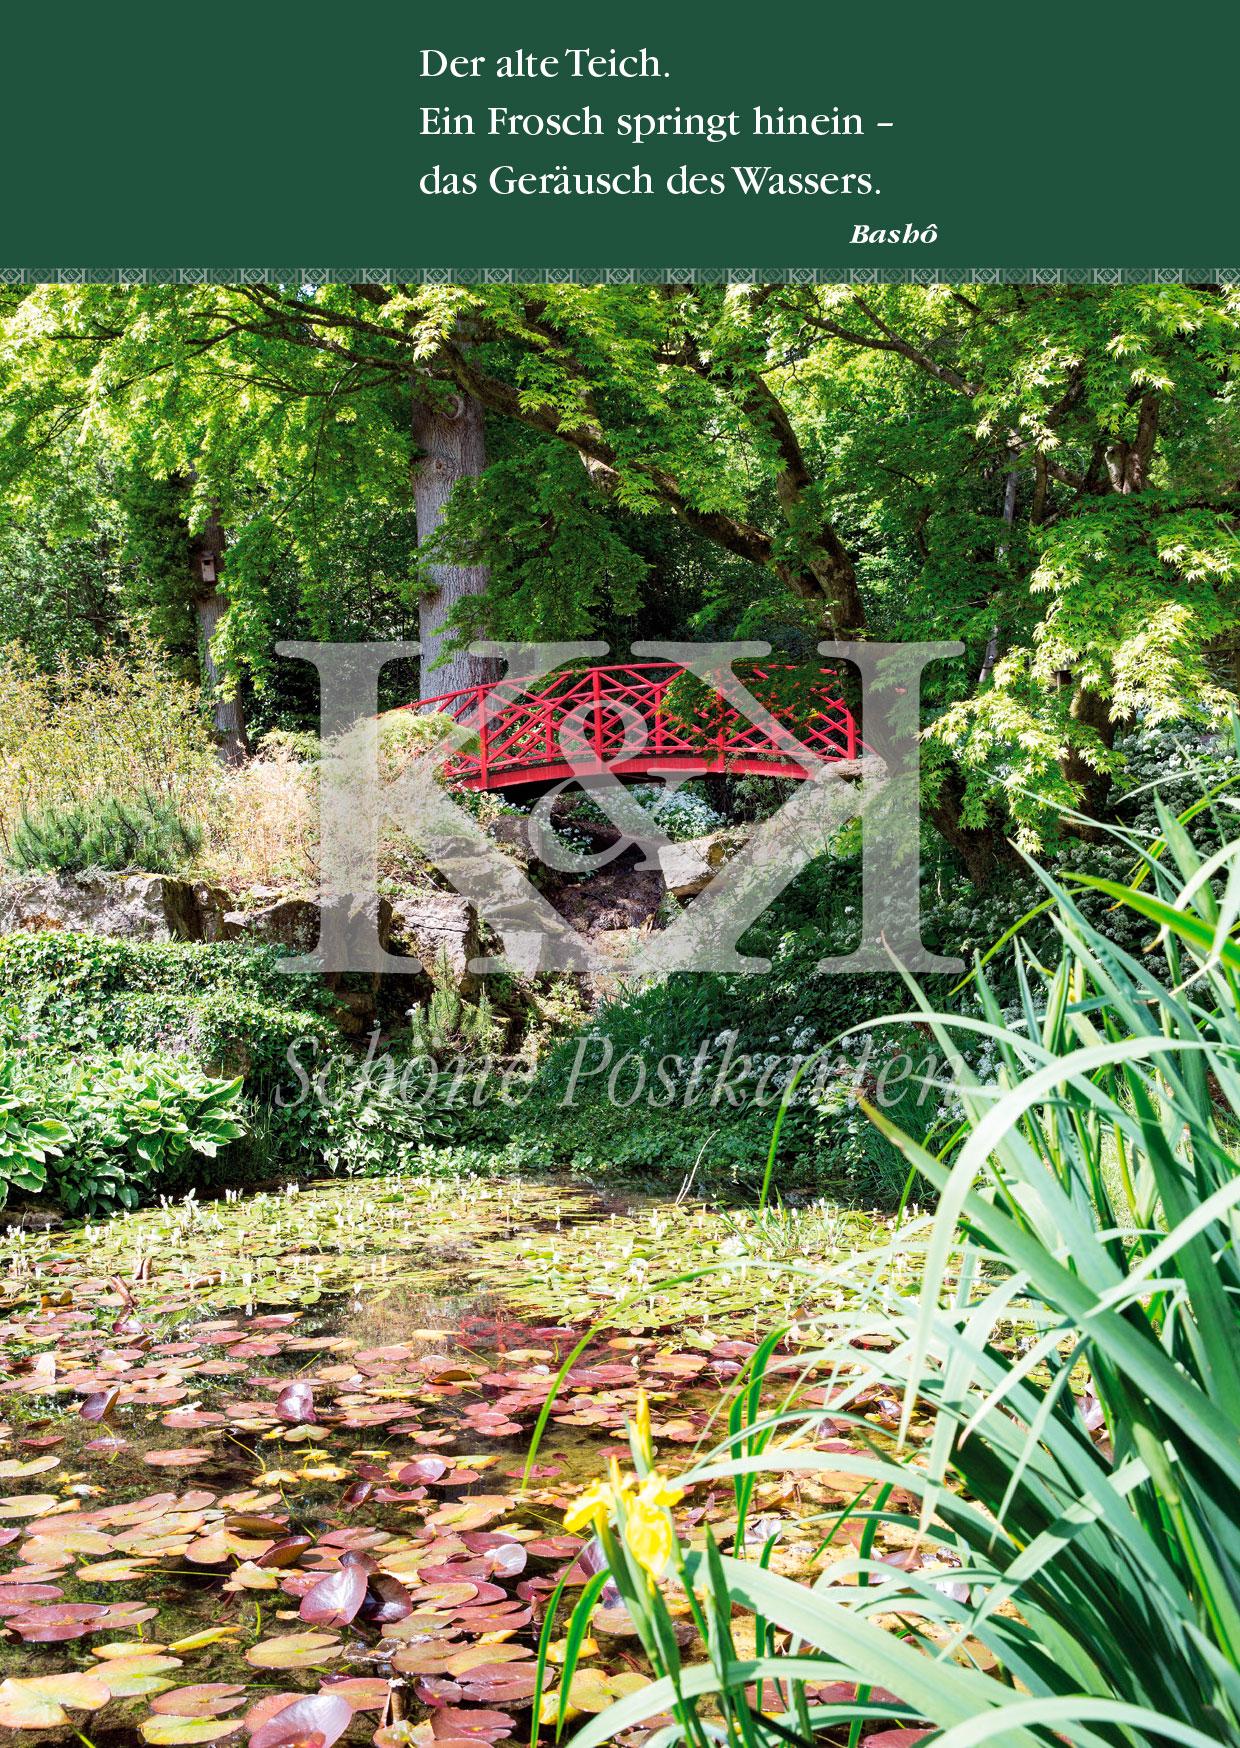 <strong>Schöne Postkarte Nr. 57</strong> · Bashô: Alter Teich mit Frosch © 2018